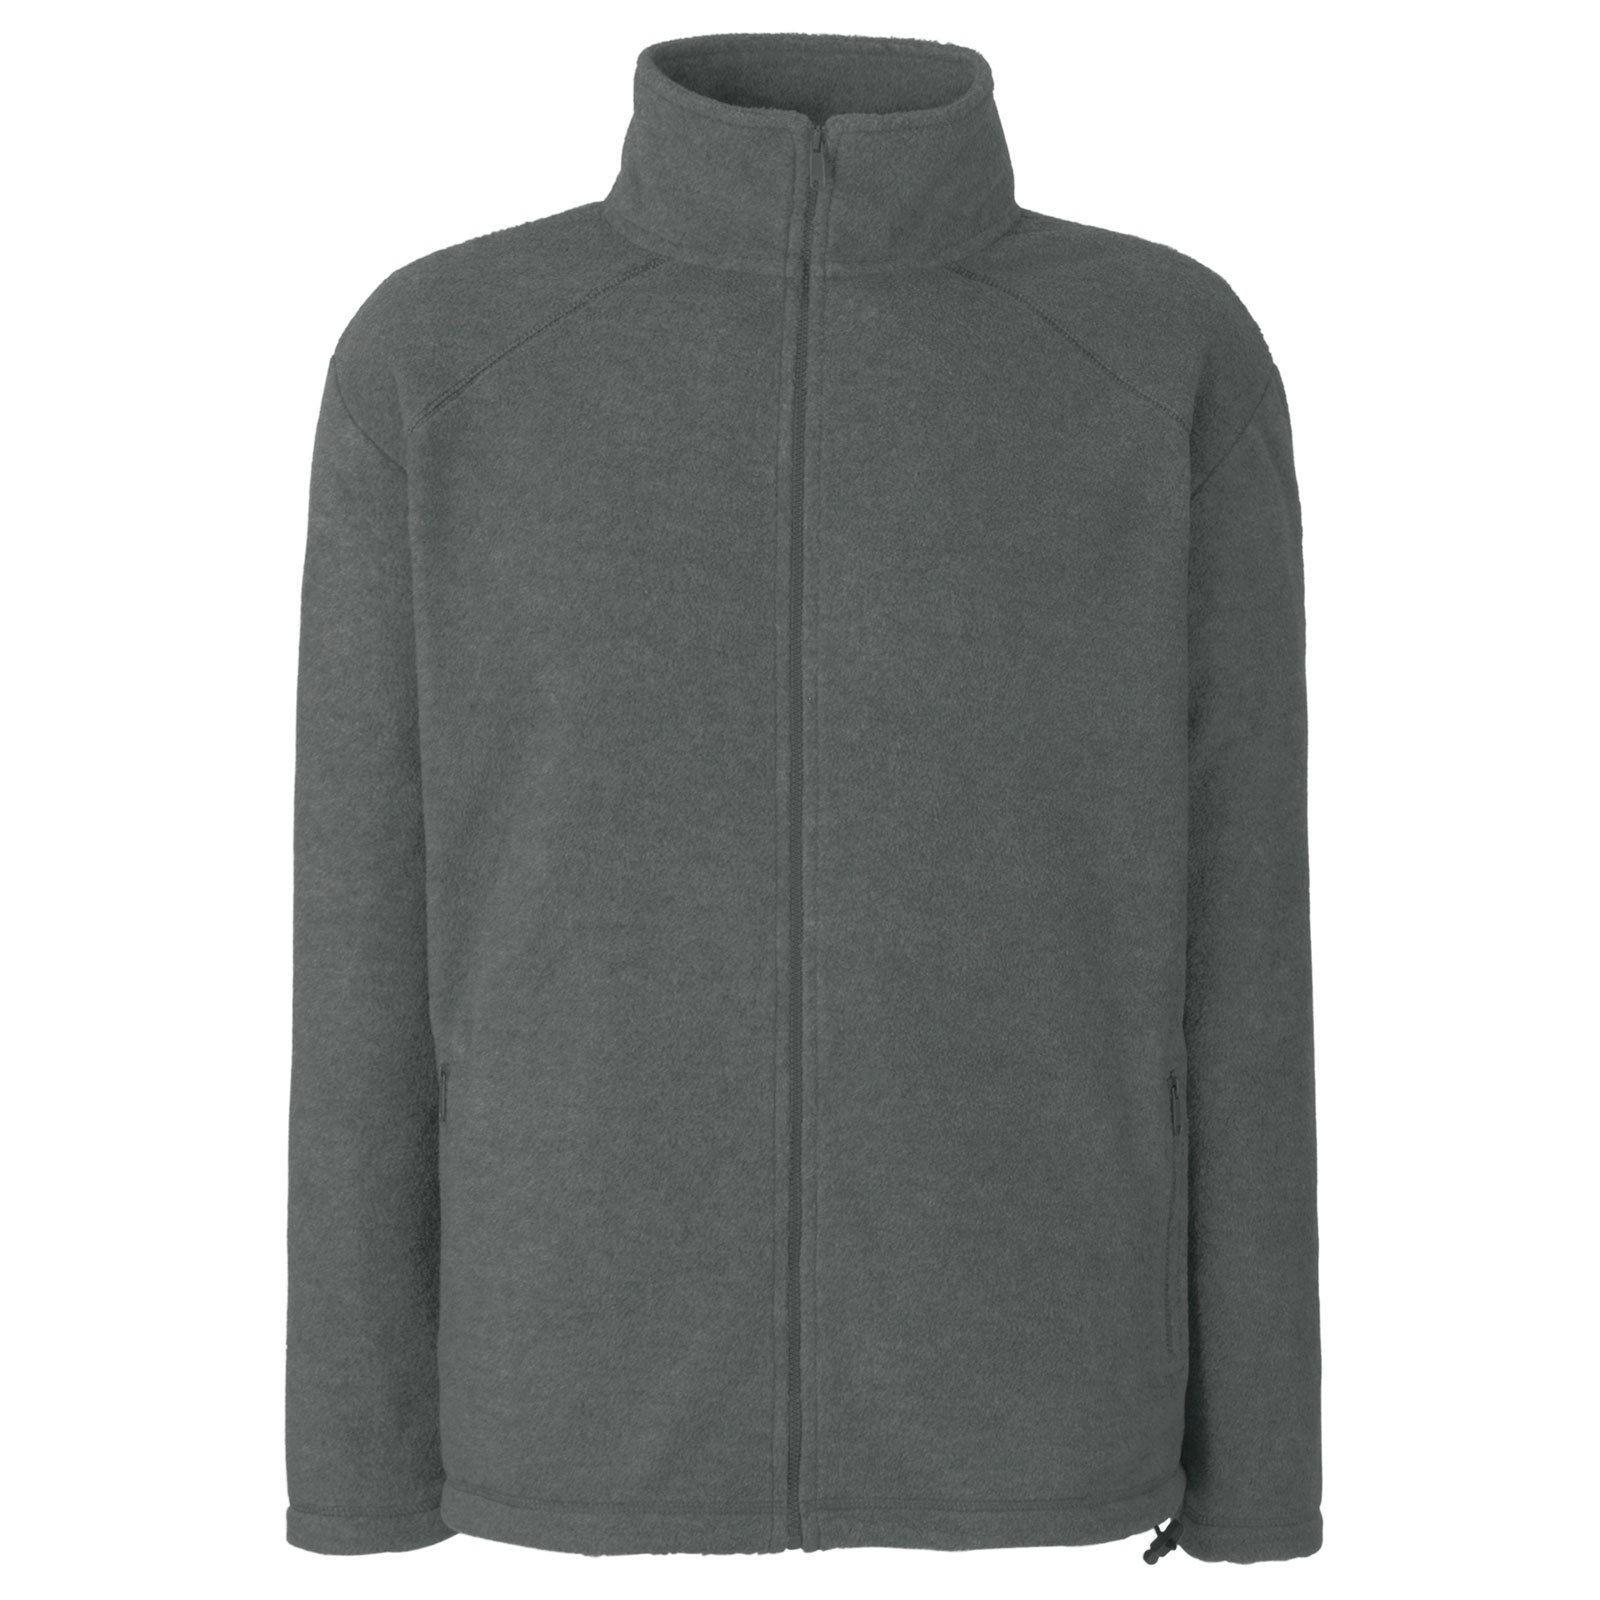 Pánská micro fleecová propínací bunda bez kapuce Barva: Kouřová šeď, Velikost: M